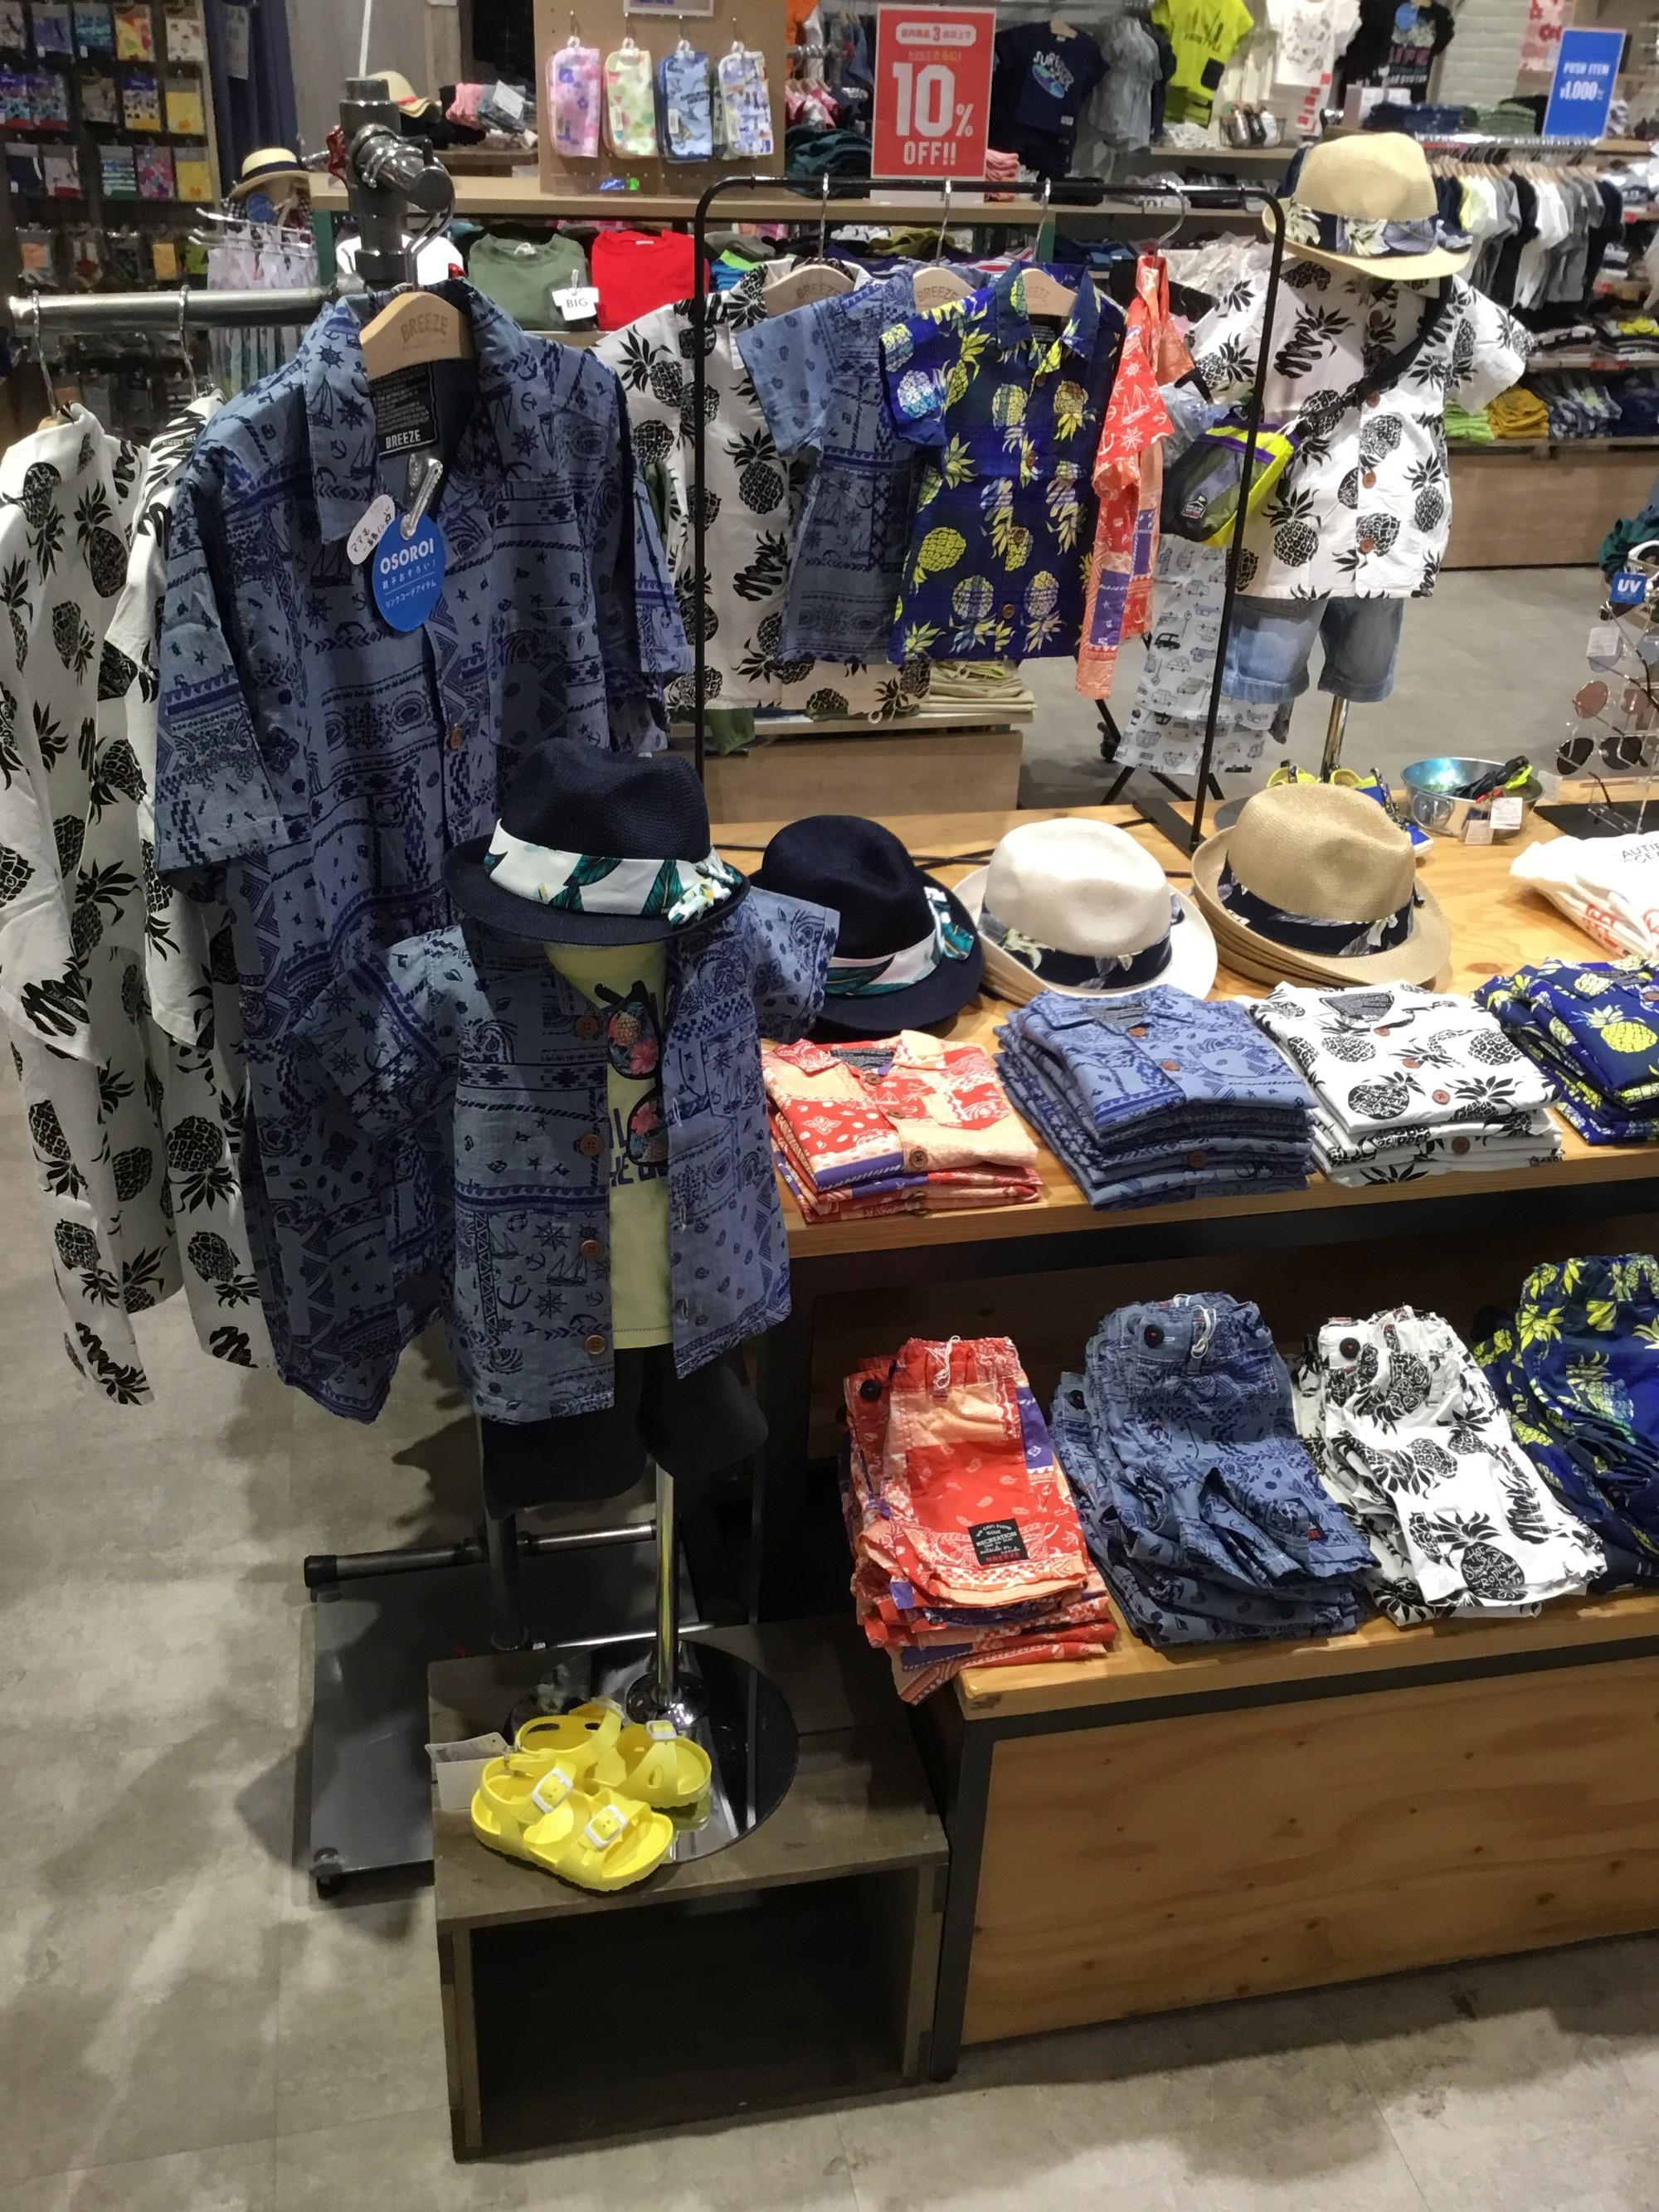 4bca4723457e4 仕事帰りにも便利!武蔵小杉周辺でスーツが買えるお店を紹介